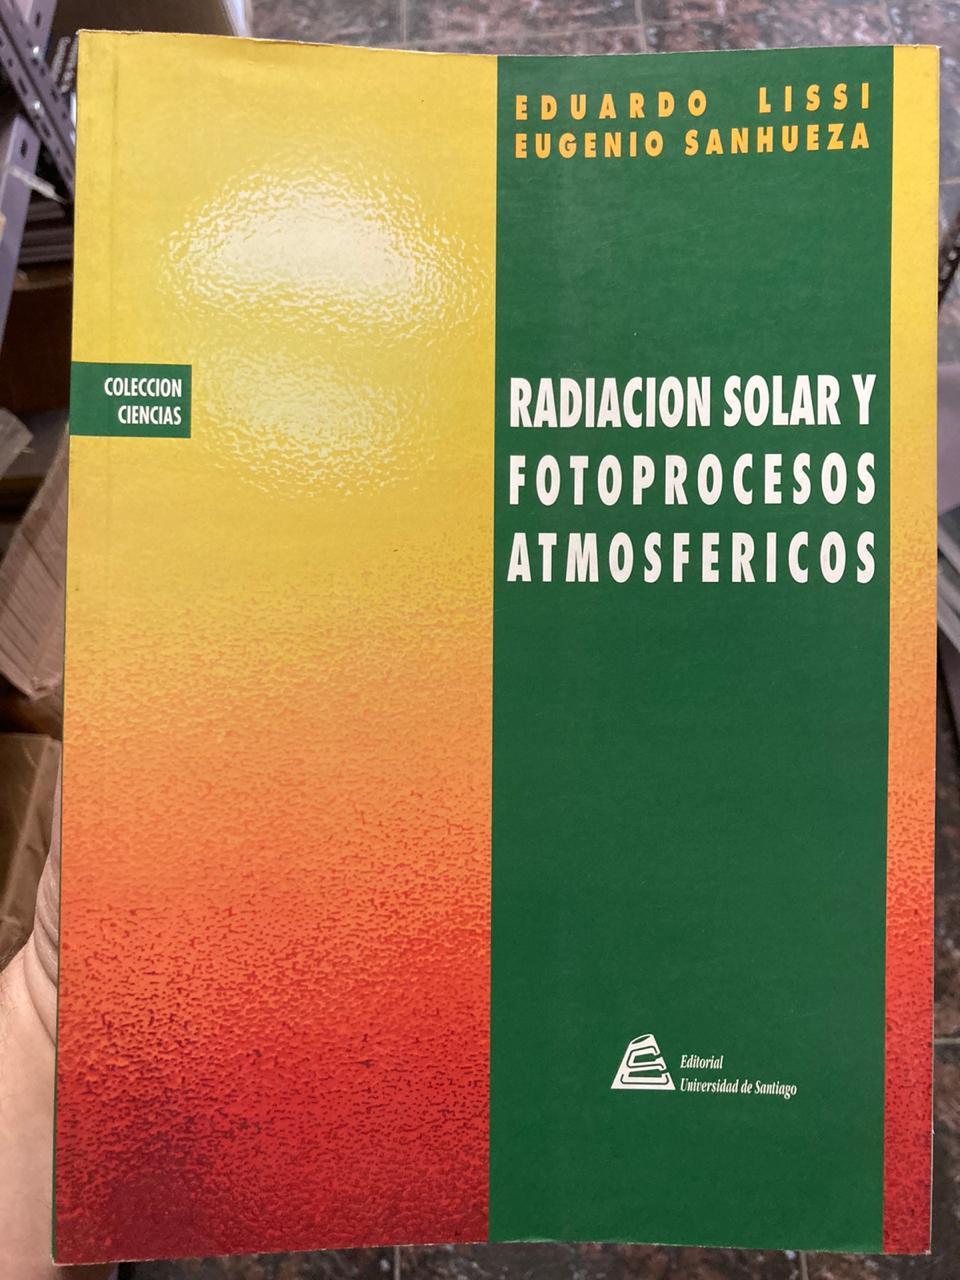 Radiación solar y fotoprocesos atmosféricos